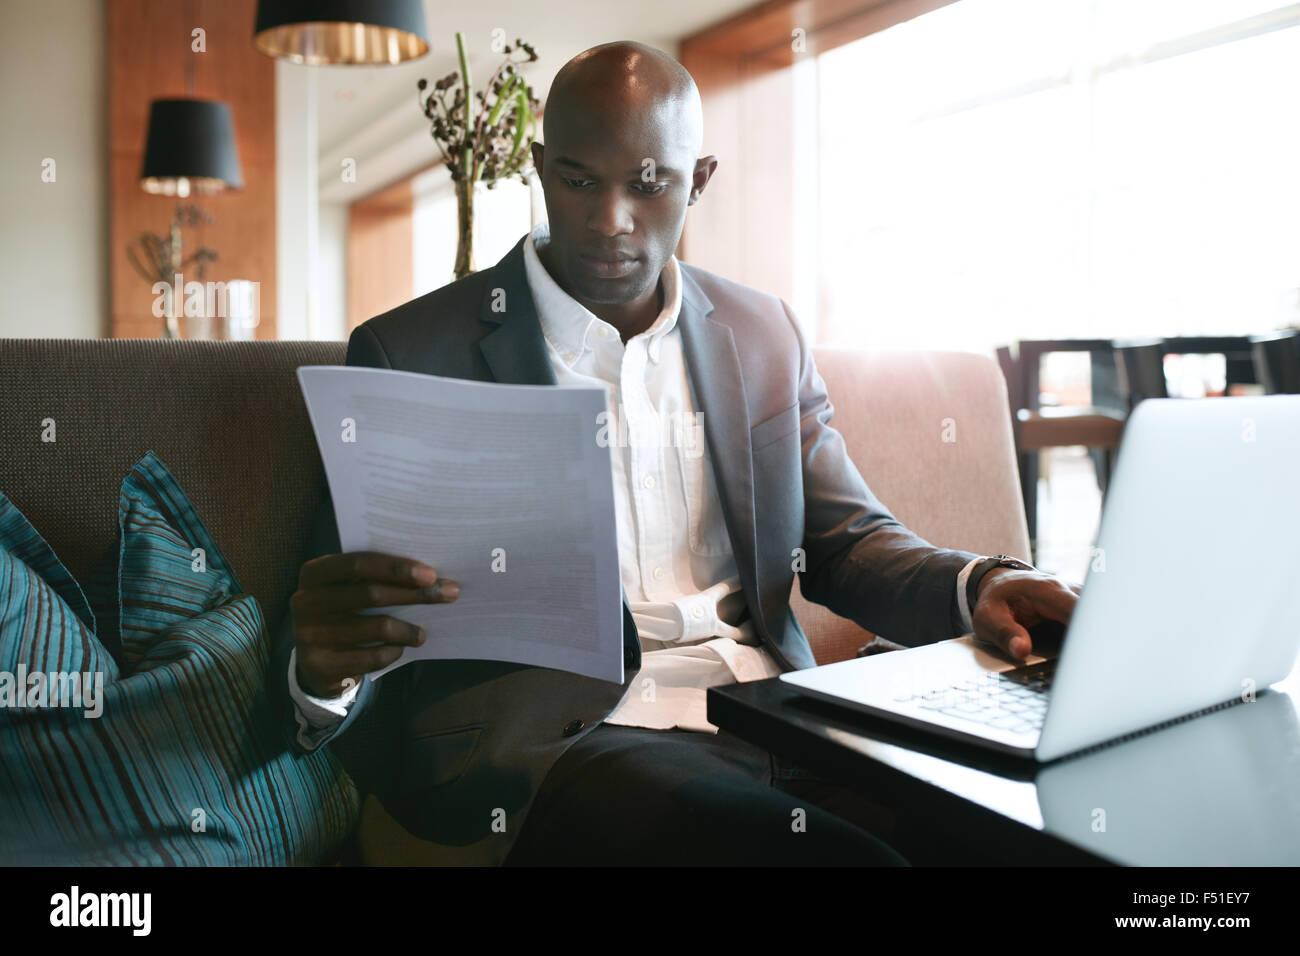 Imagen del joven empresario sentado a la cafetería del hotel leyendo un documento mientras trabaja en una computadora Imagen De Stock